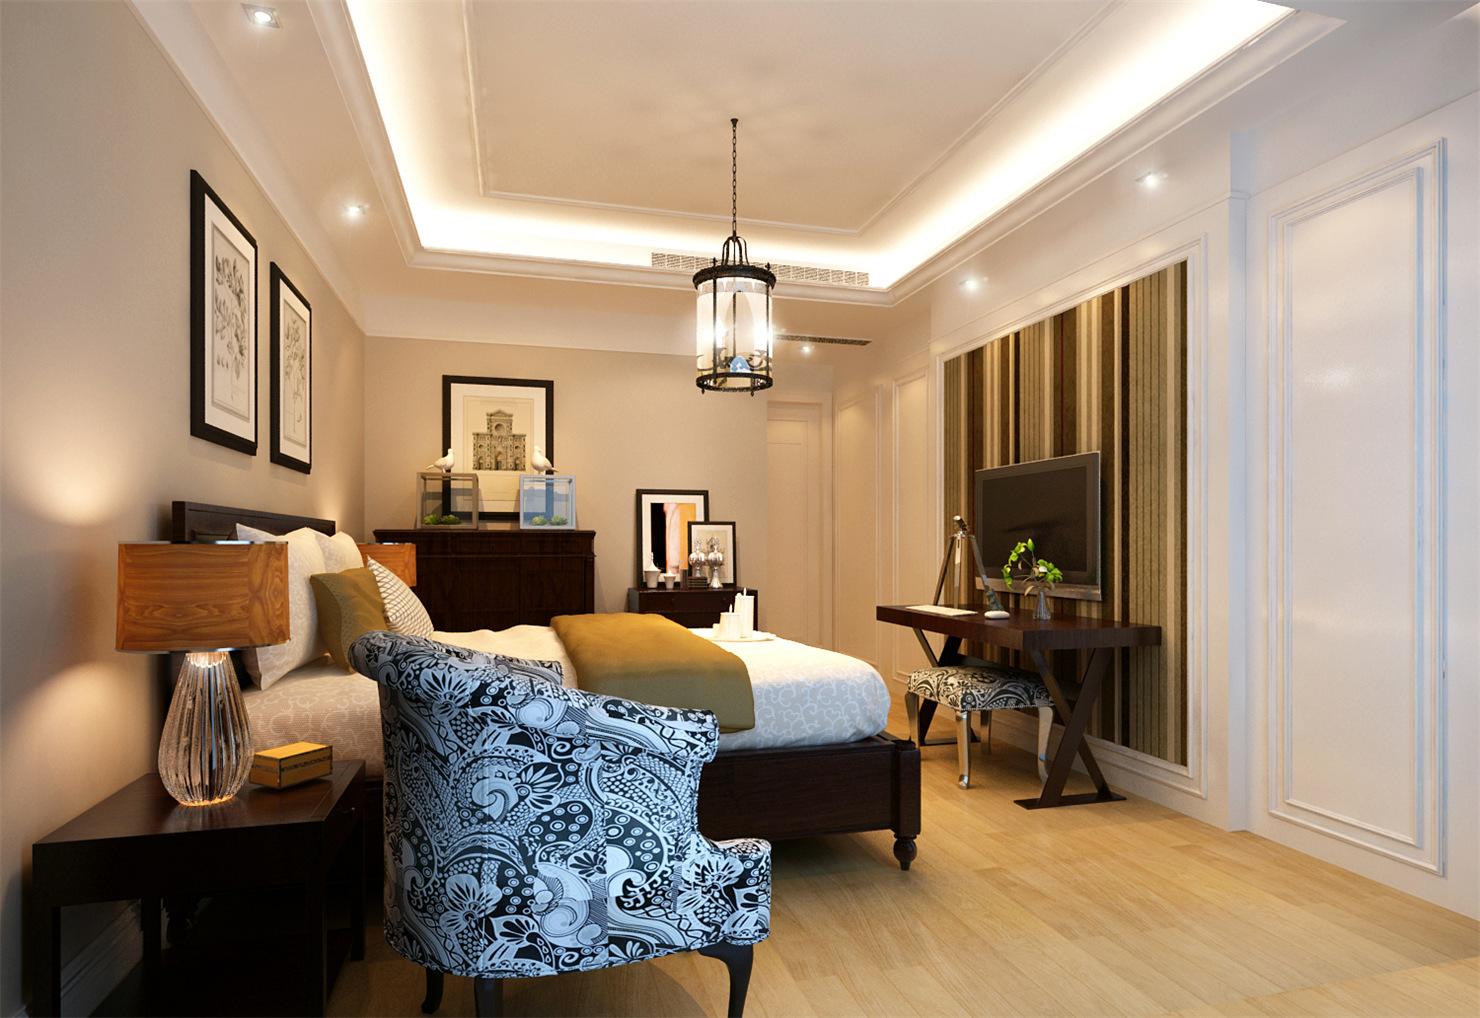 古北大城公 装修设计 简约欧式 腾龙设计 季蓓菁作品 卧室图片来自腾龙设计在古北大成公寓装修简约欧式风格的分享